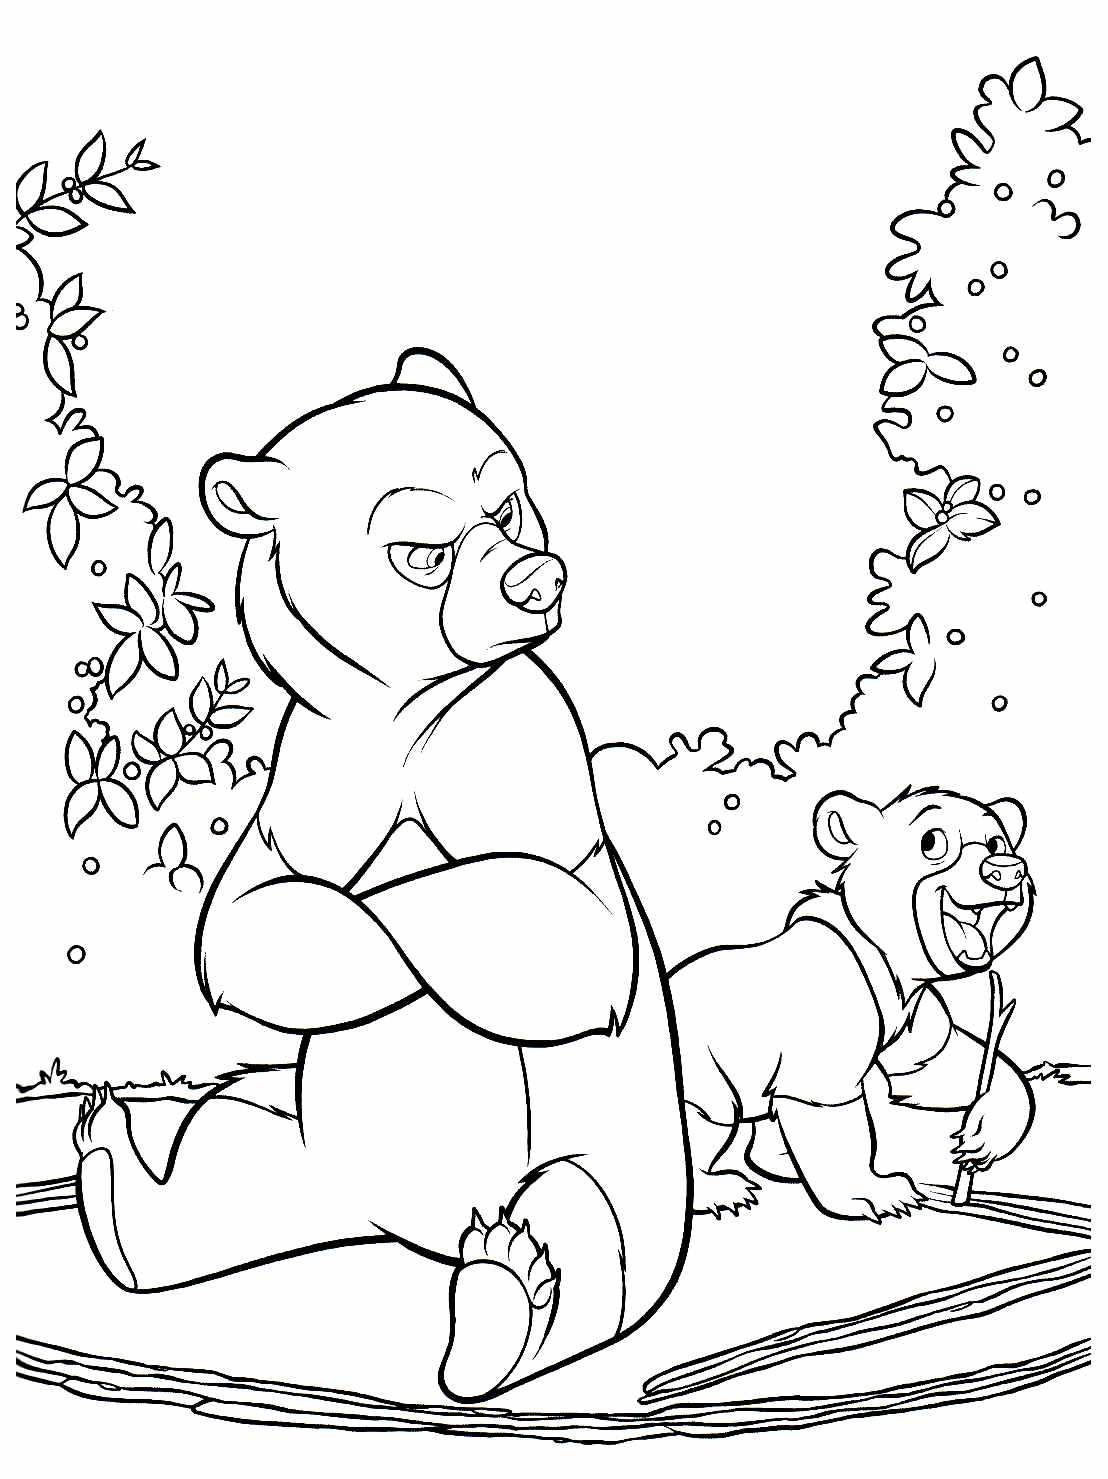 Frere Des Ours 4 Coloriage Frère Des Ours Coloriages Pour Enfants